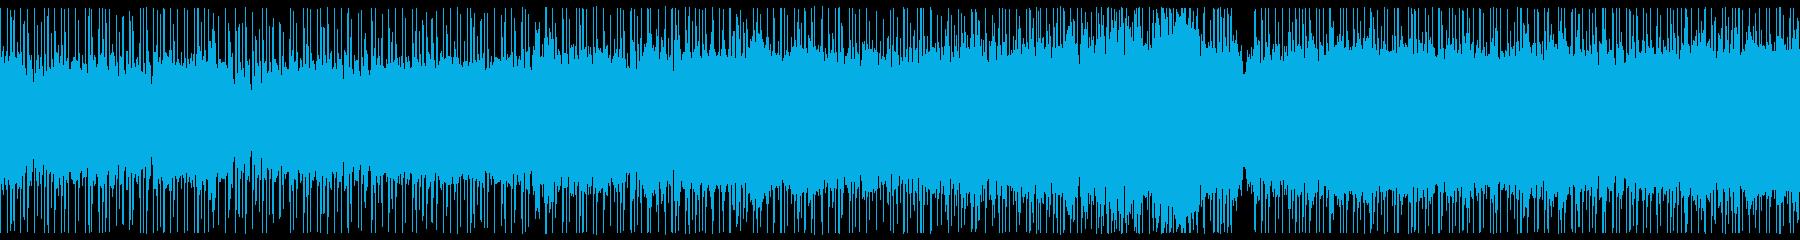 エレキ生アンプ、爽やか西海岸ロックの再生済みの波形